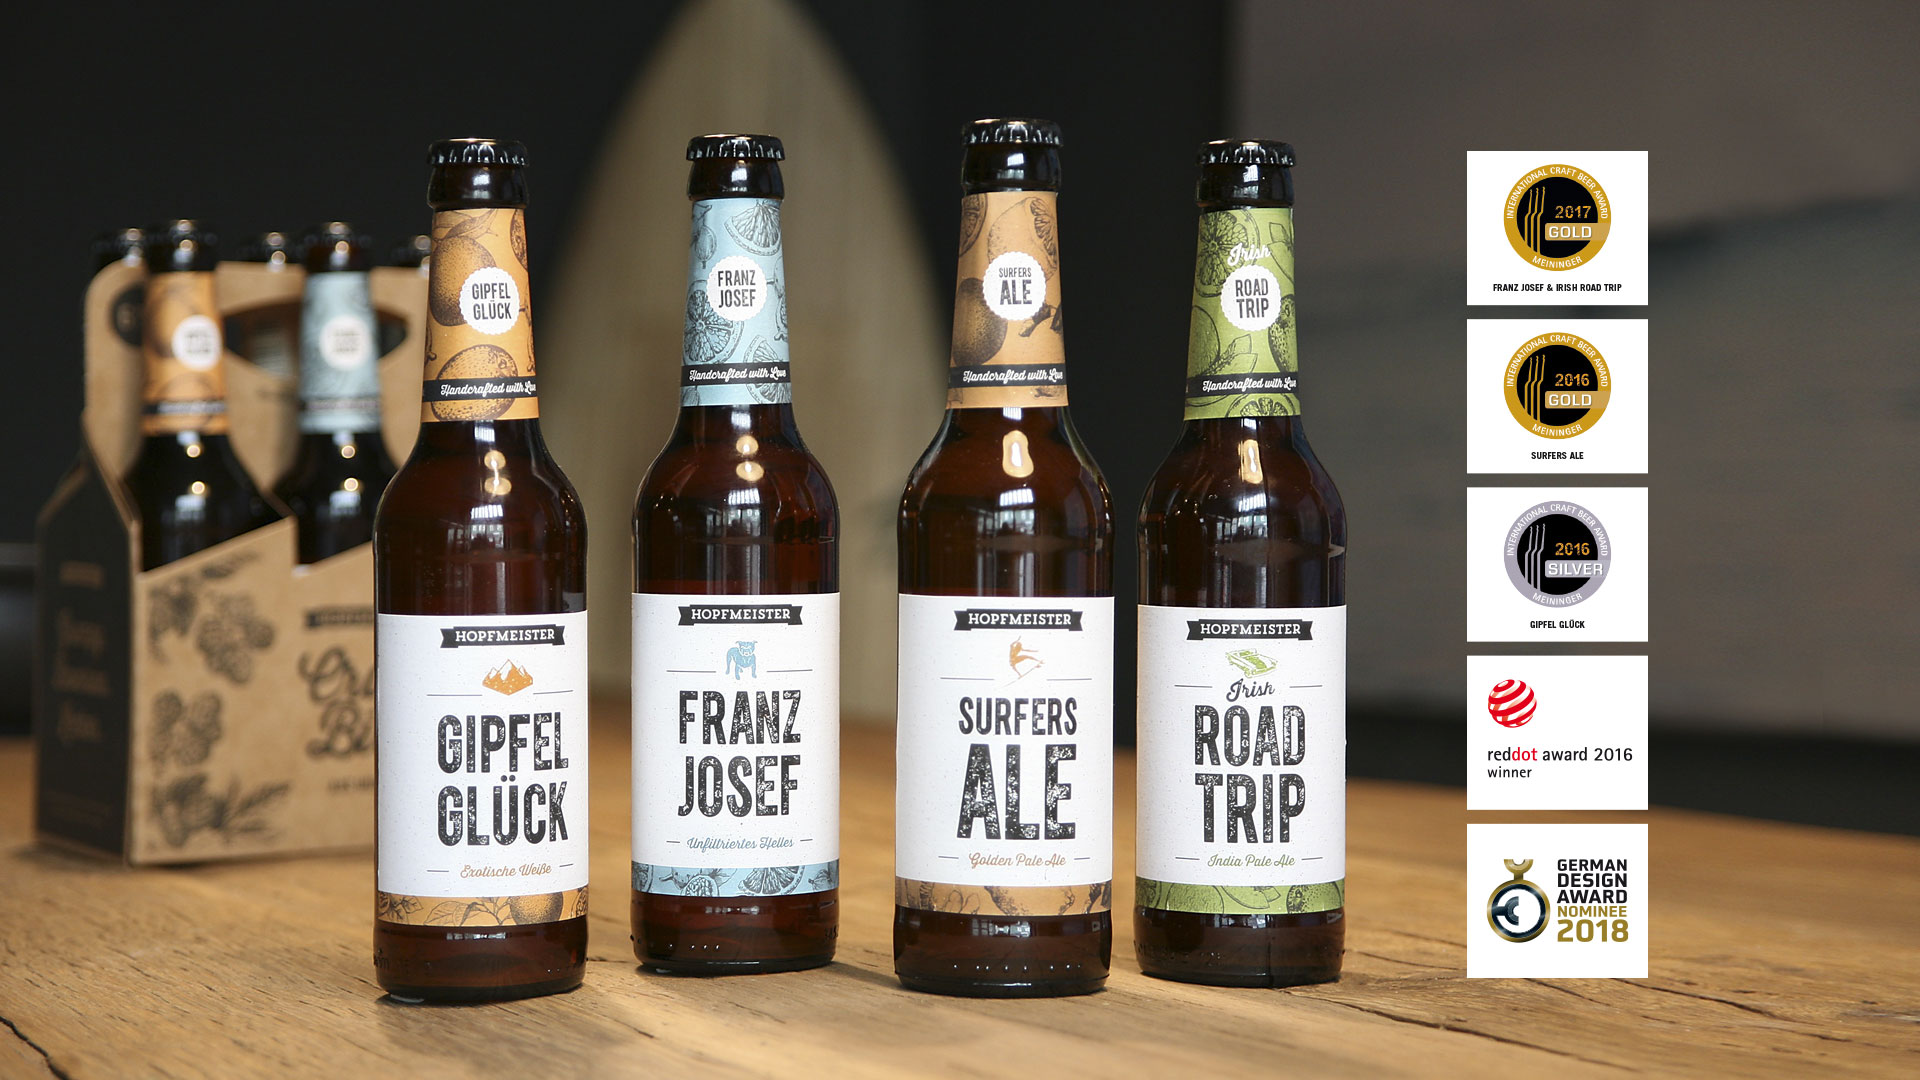 Hopfmeister Always Biere